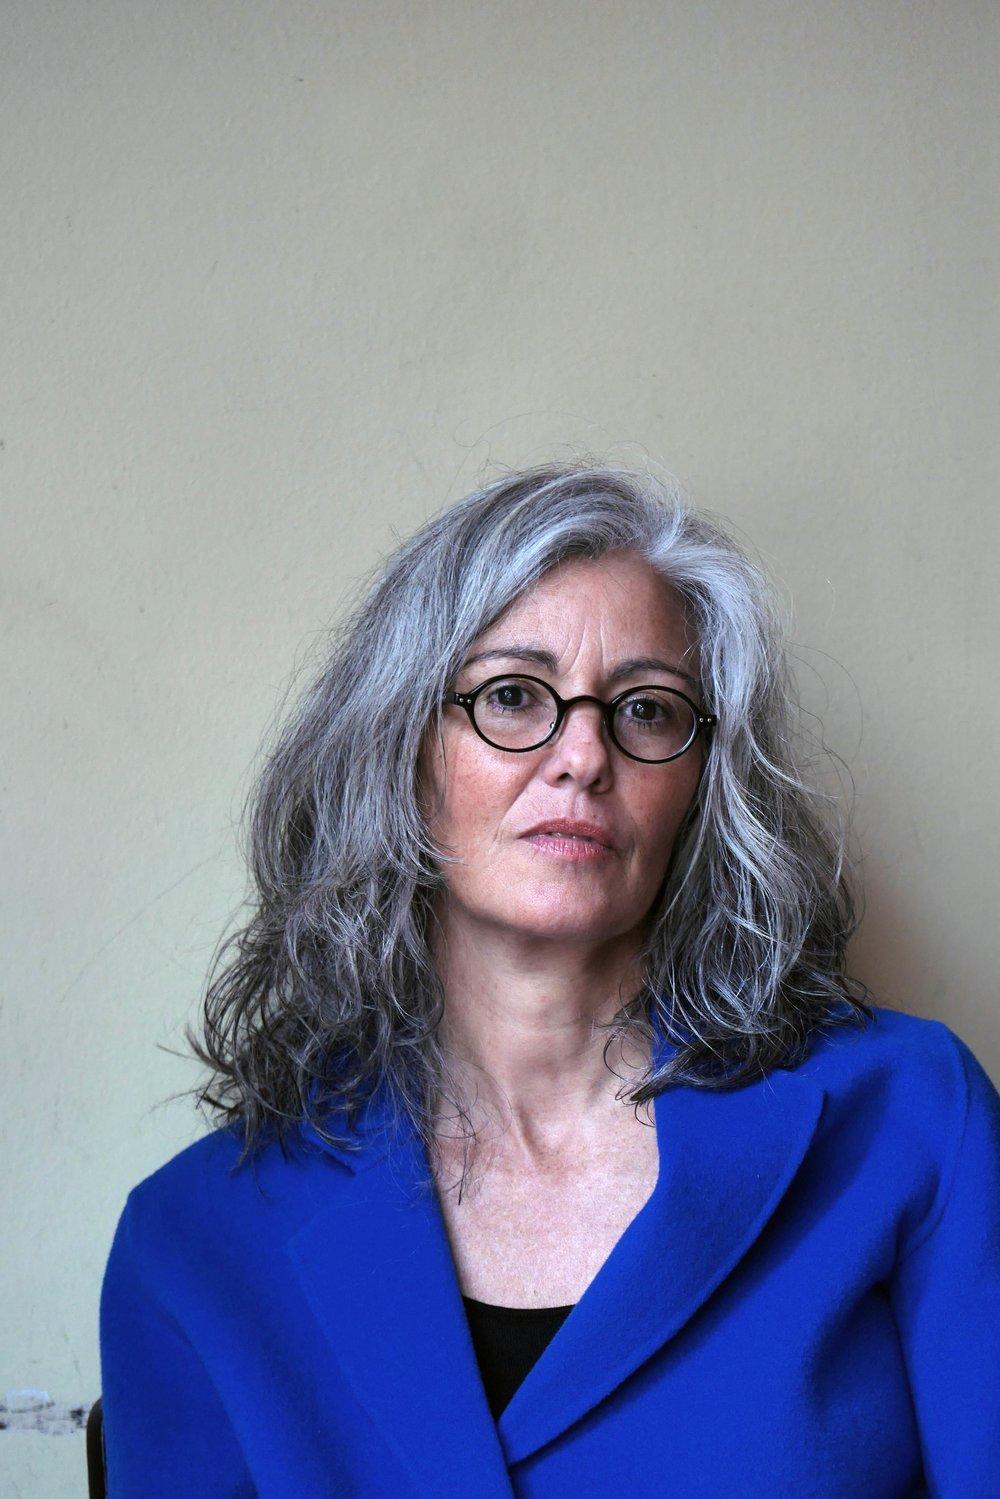 """Sandra Hoffmann arbeitet für das Literaturhaus München und unterrichtet seit vielen Jahren kreatives Schreiben. In ihrem preisgekrönten Roman """"Paula"""" hat sie die eigene Familiengeschichte aufgegriffen. Copyright: Martin Fengel"""